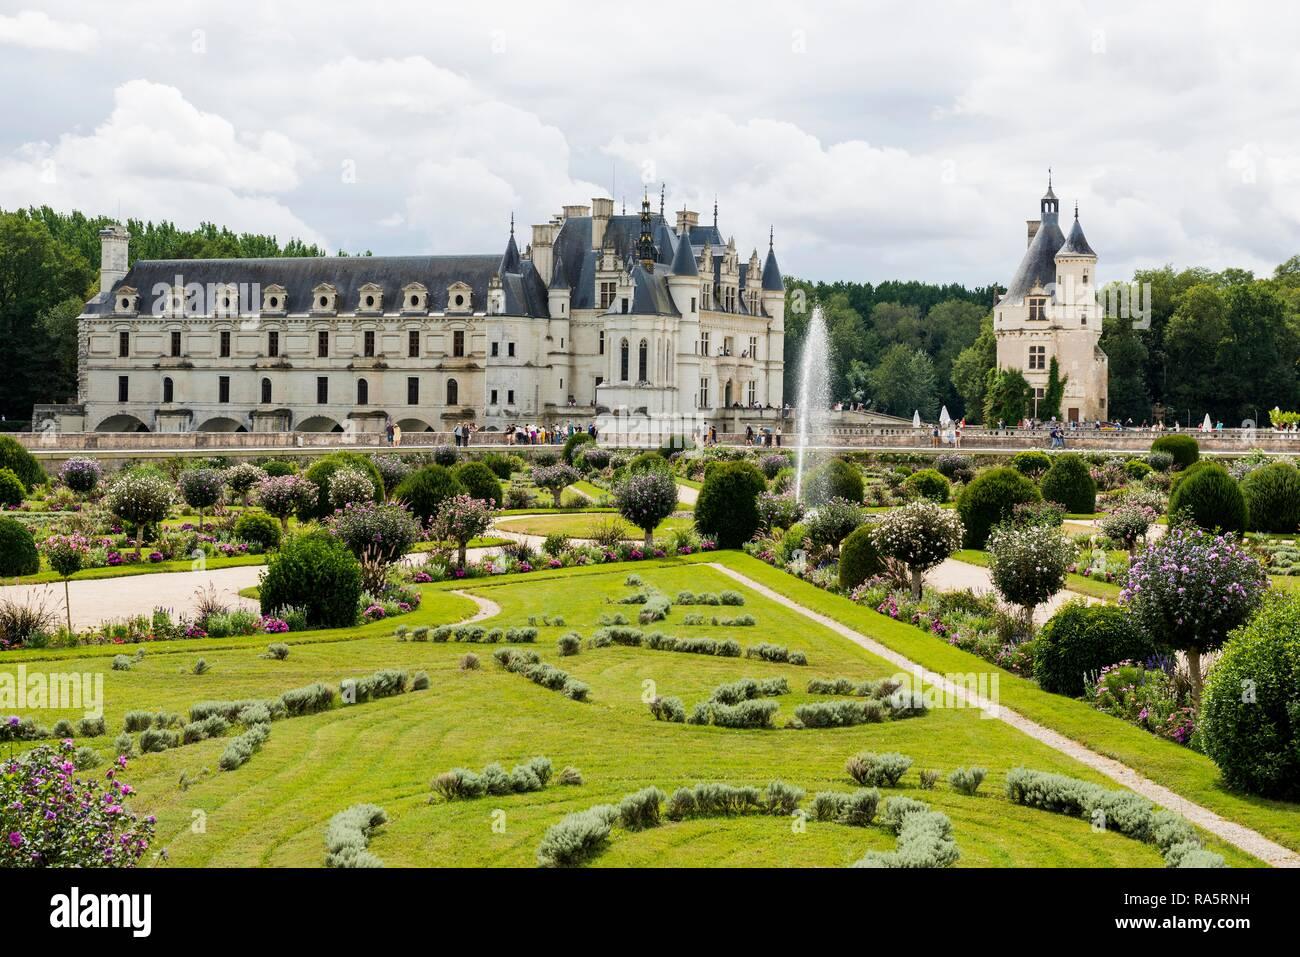 Castillo de Chenonceau y jardín, Château de Chenonceau, Chenonceaux, departamento de Loira, Indre-et-Loire, Región Centro, Francia Imagen De Stock